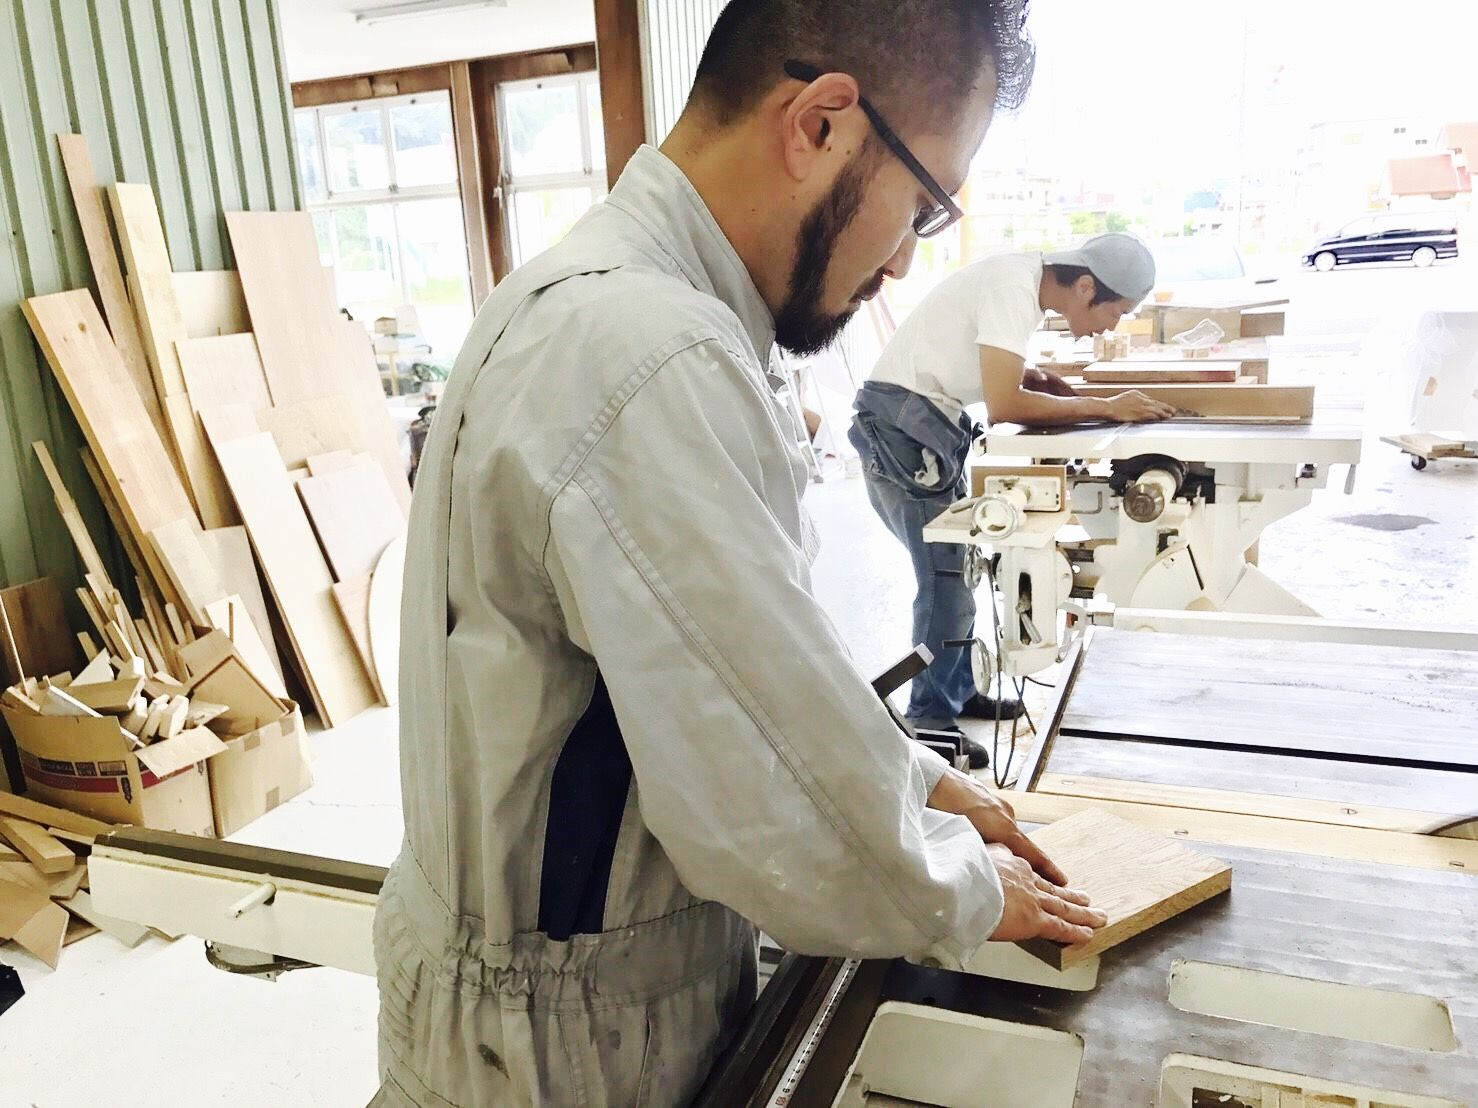 自社工房で家具をひとつずつ丁寧に製作するルーツファクトリー